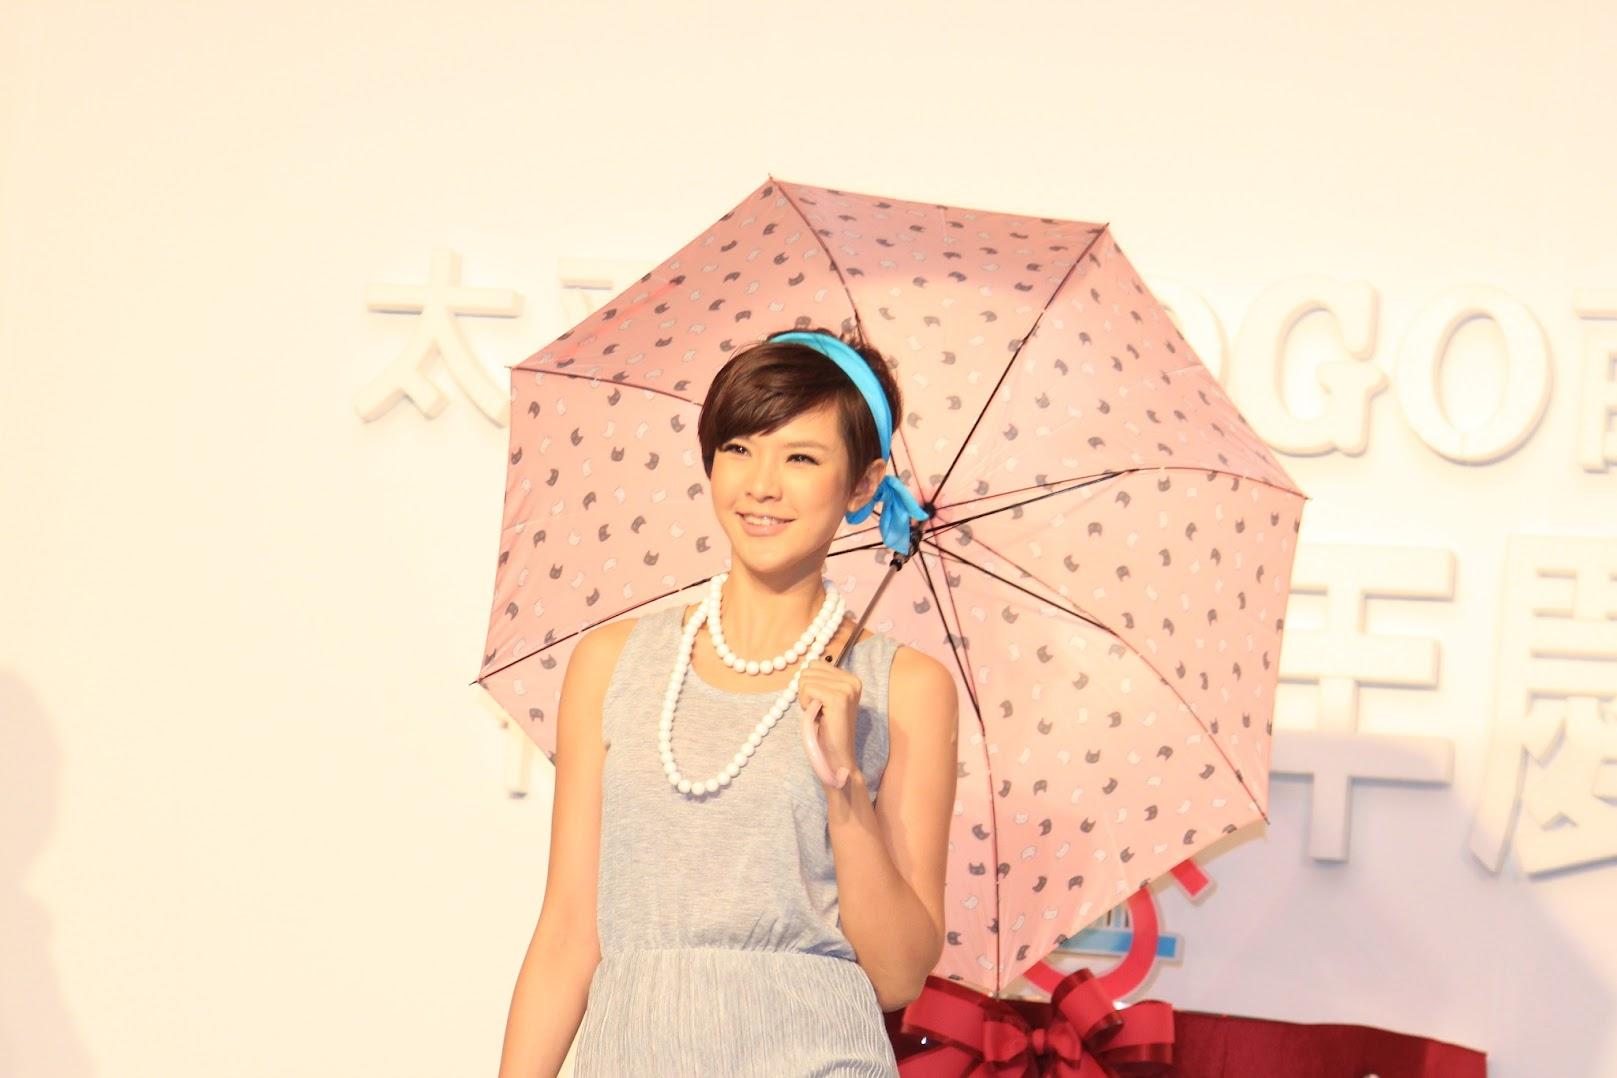 *全台百貨周年慶:太平洋SOGO 25周年慶「衝向97億」! 2